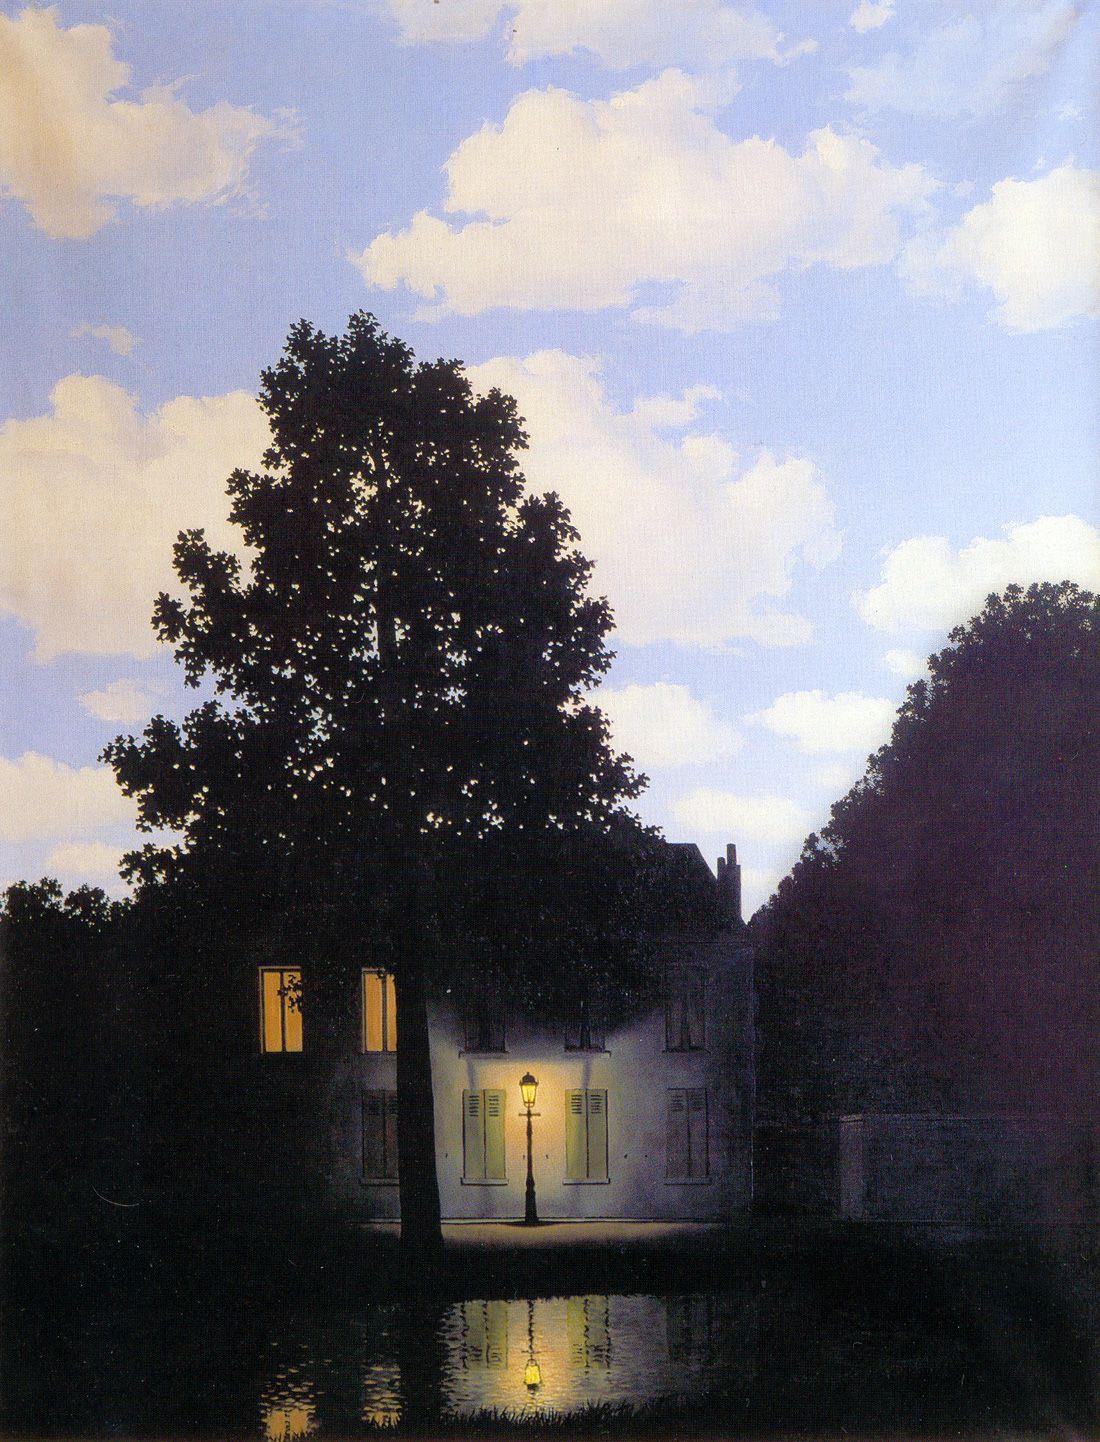 Rene Magritte The Empire Of Light 風景画 マグリット 美しい絵画